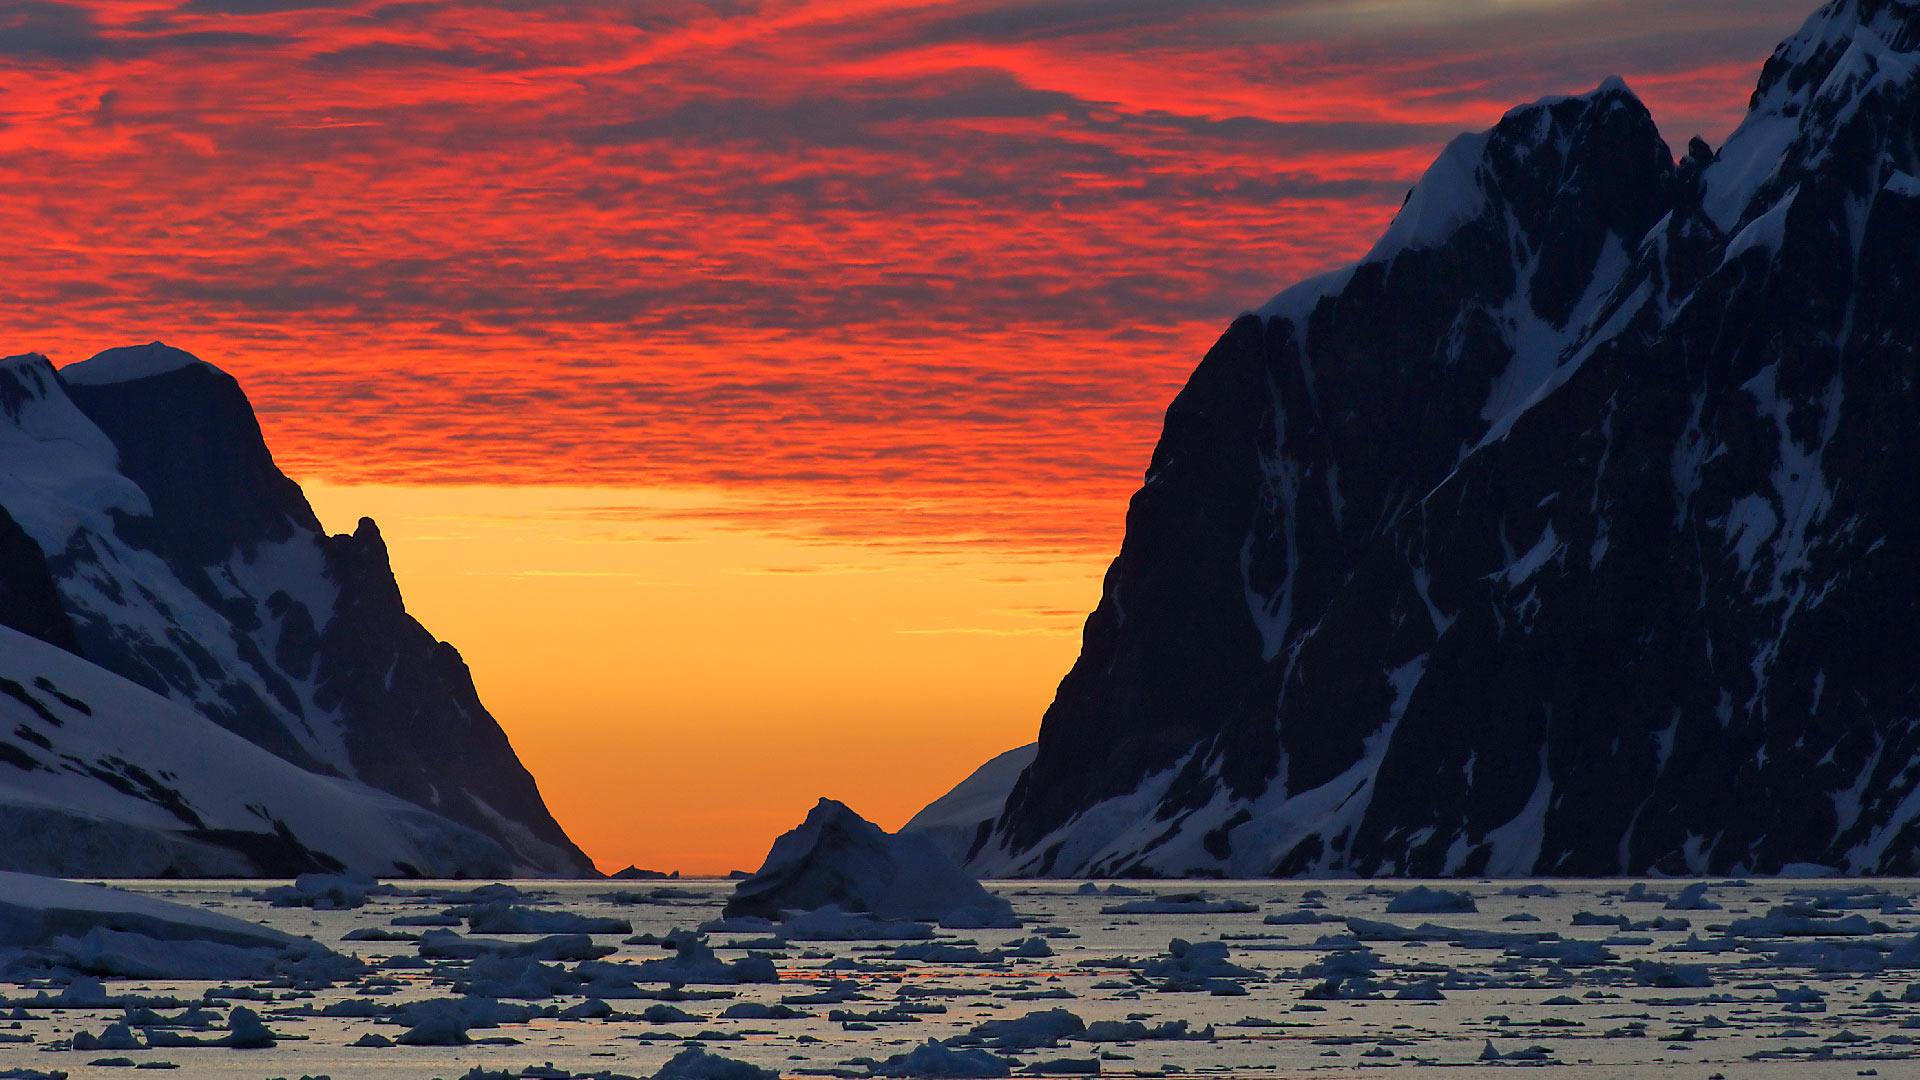 Red Antarctica Bing Wallpaper Download 1920x1080